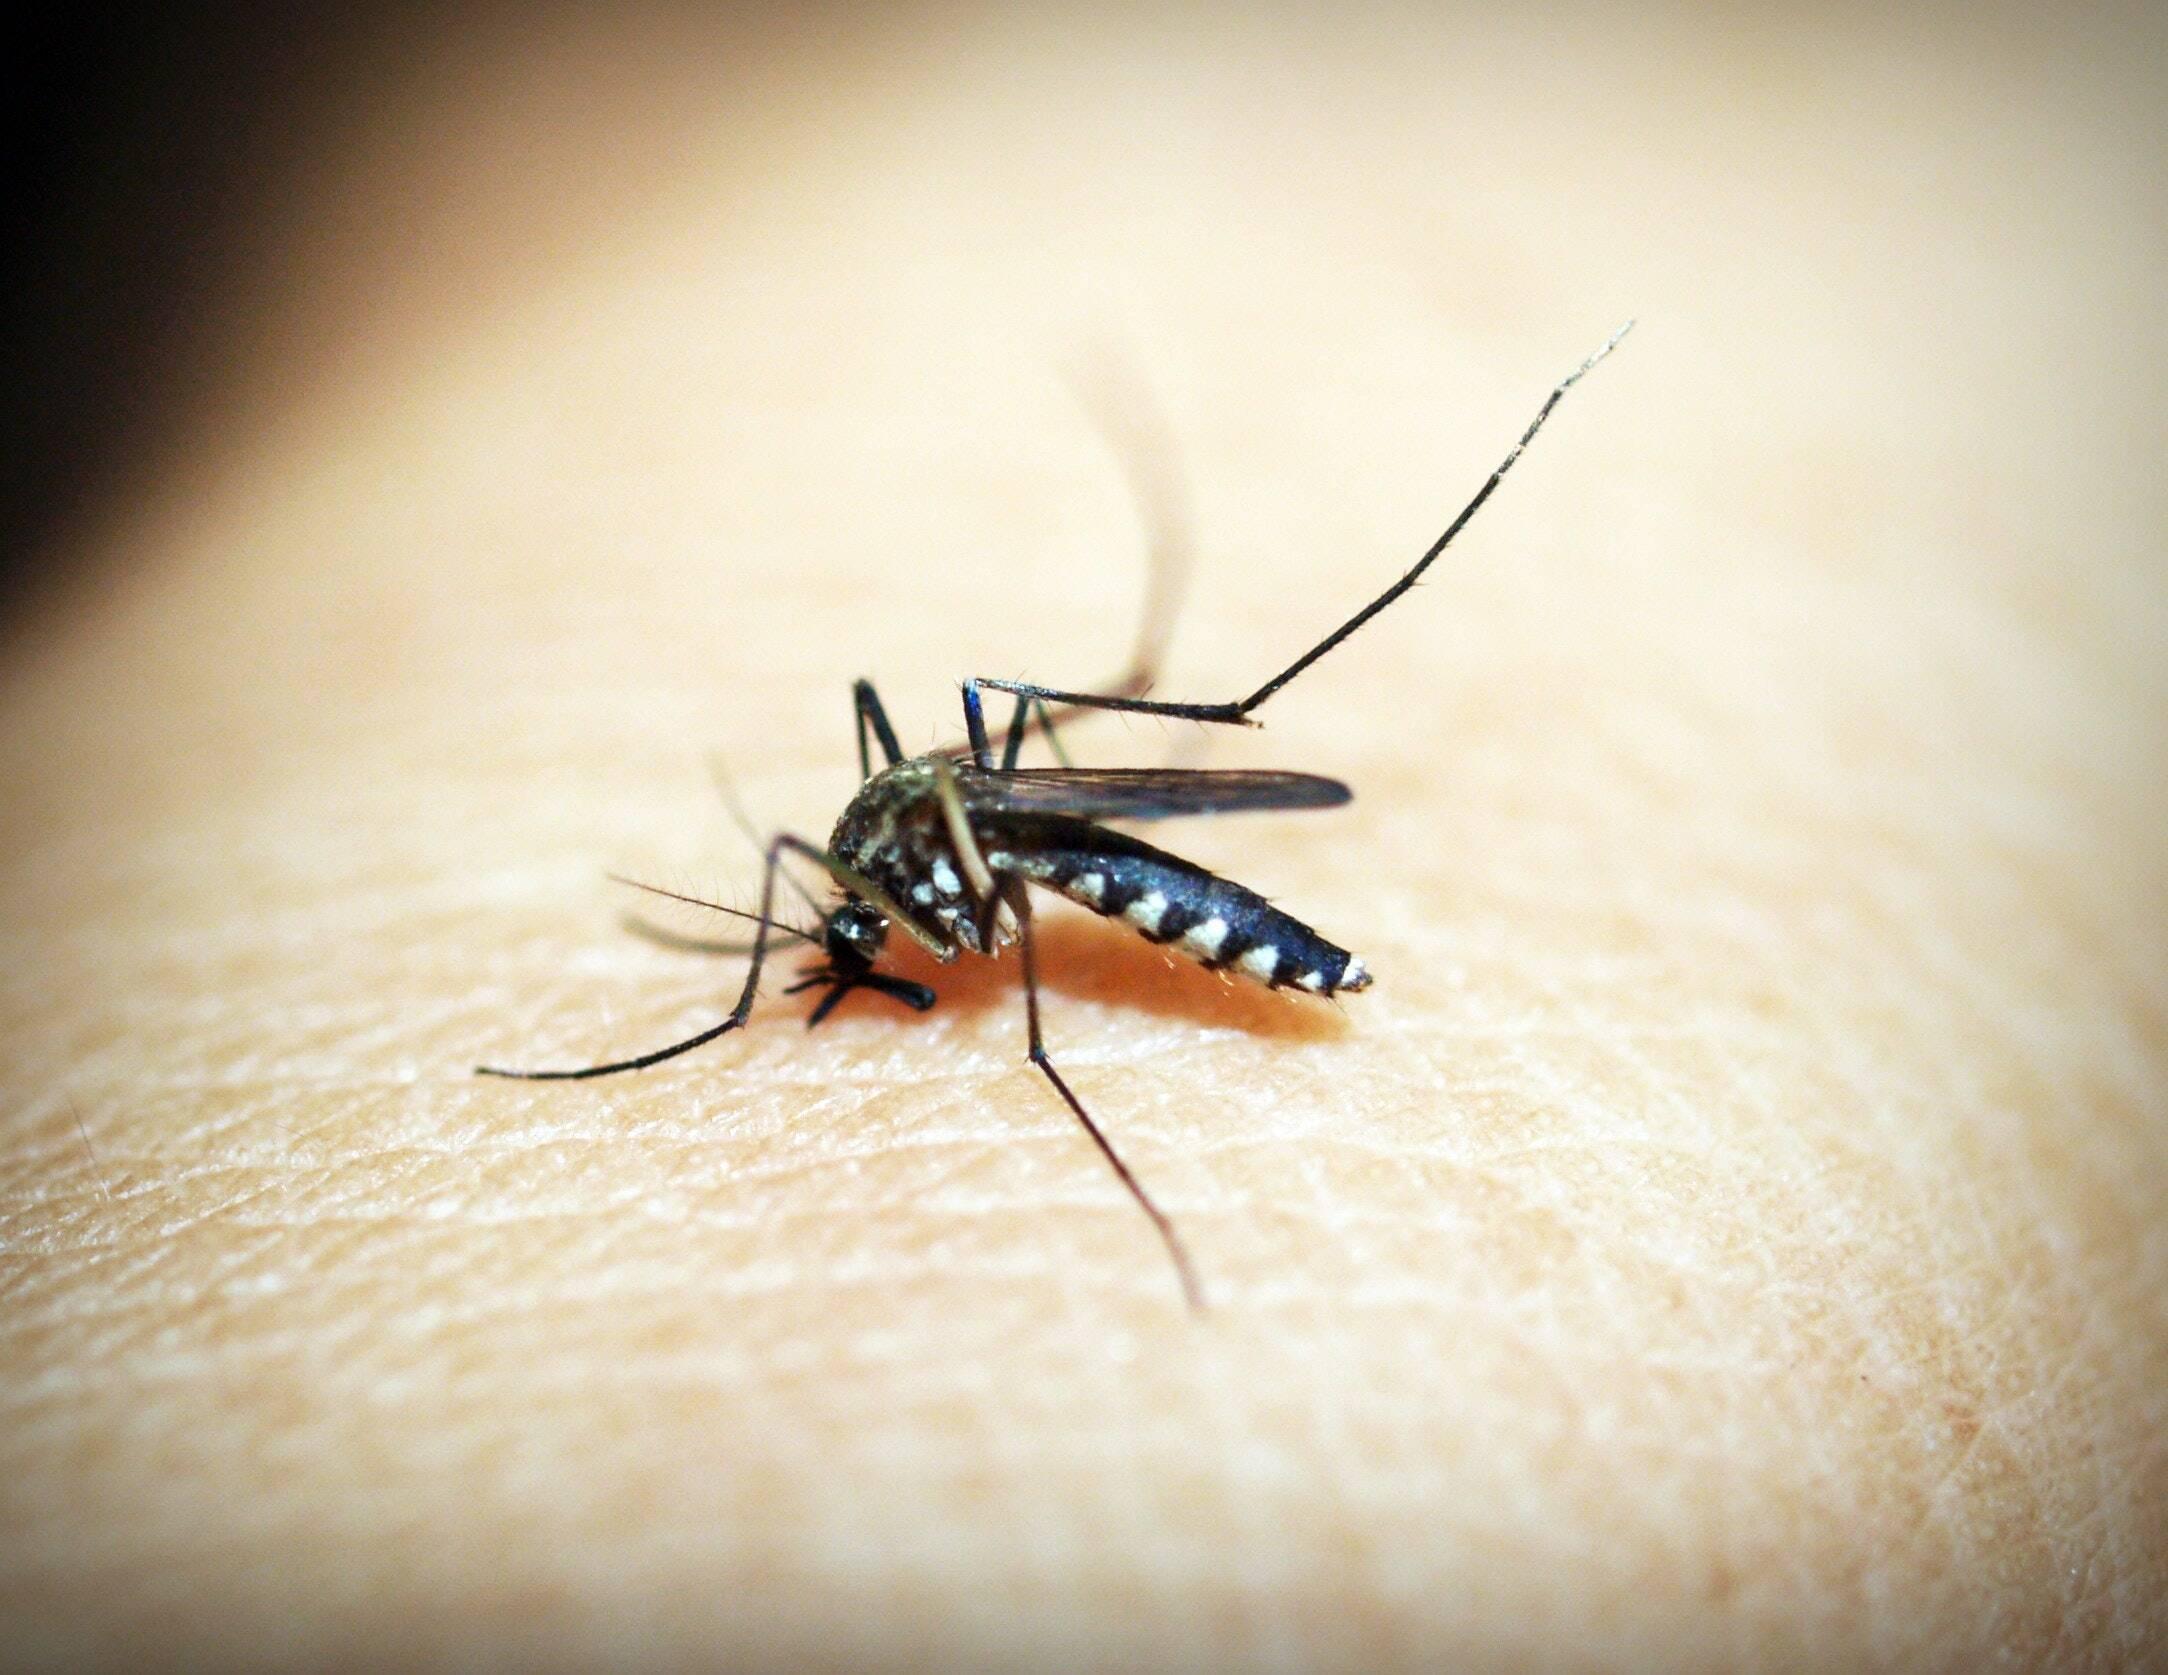 Transmitida pelo mosquito Aedes Aegypti, a Febre do Vale Rift foi definida pela OMS como potencial de emergência de saúde pública em 2019. (Foto: Pexels)